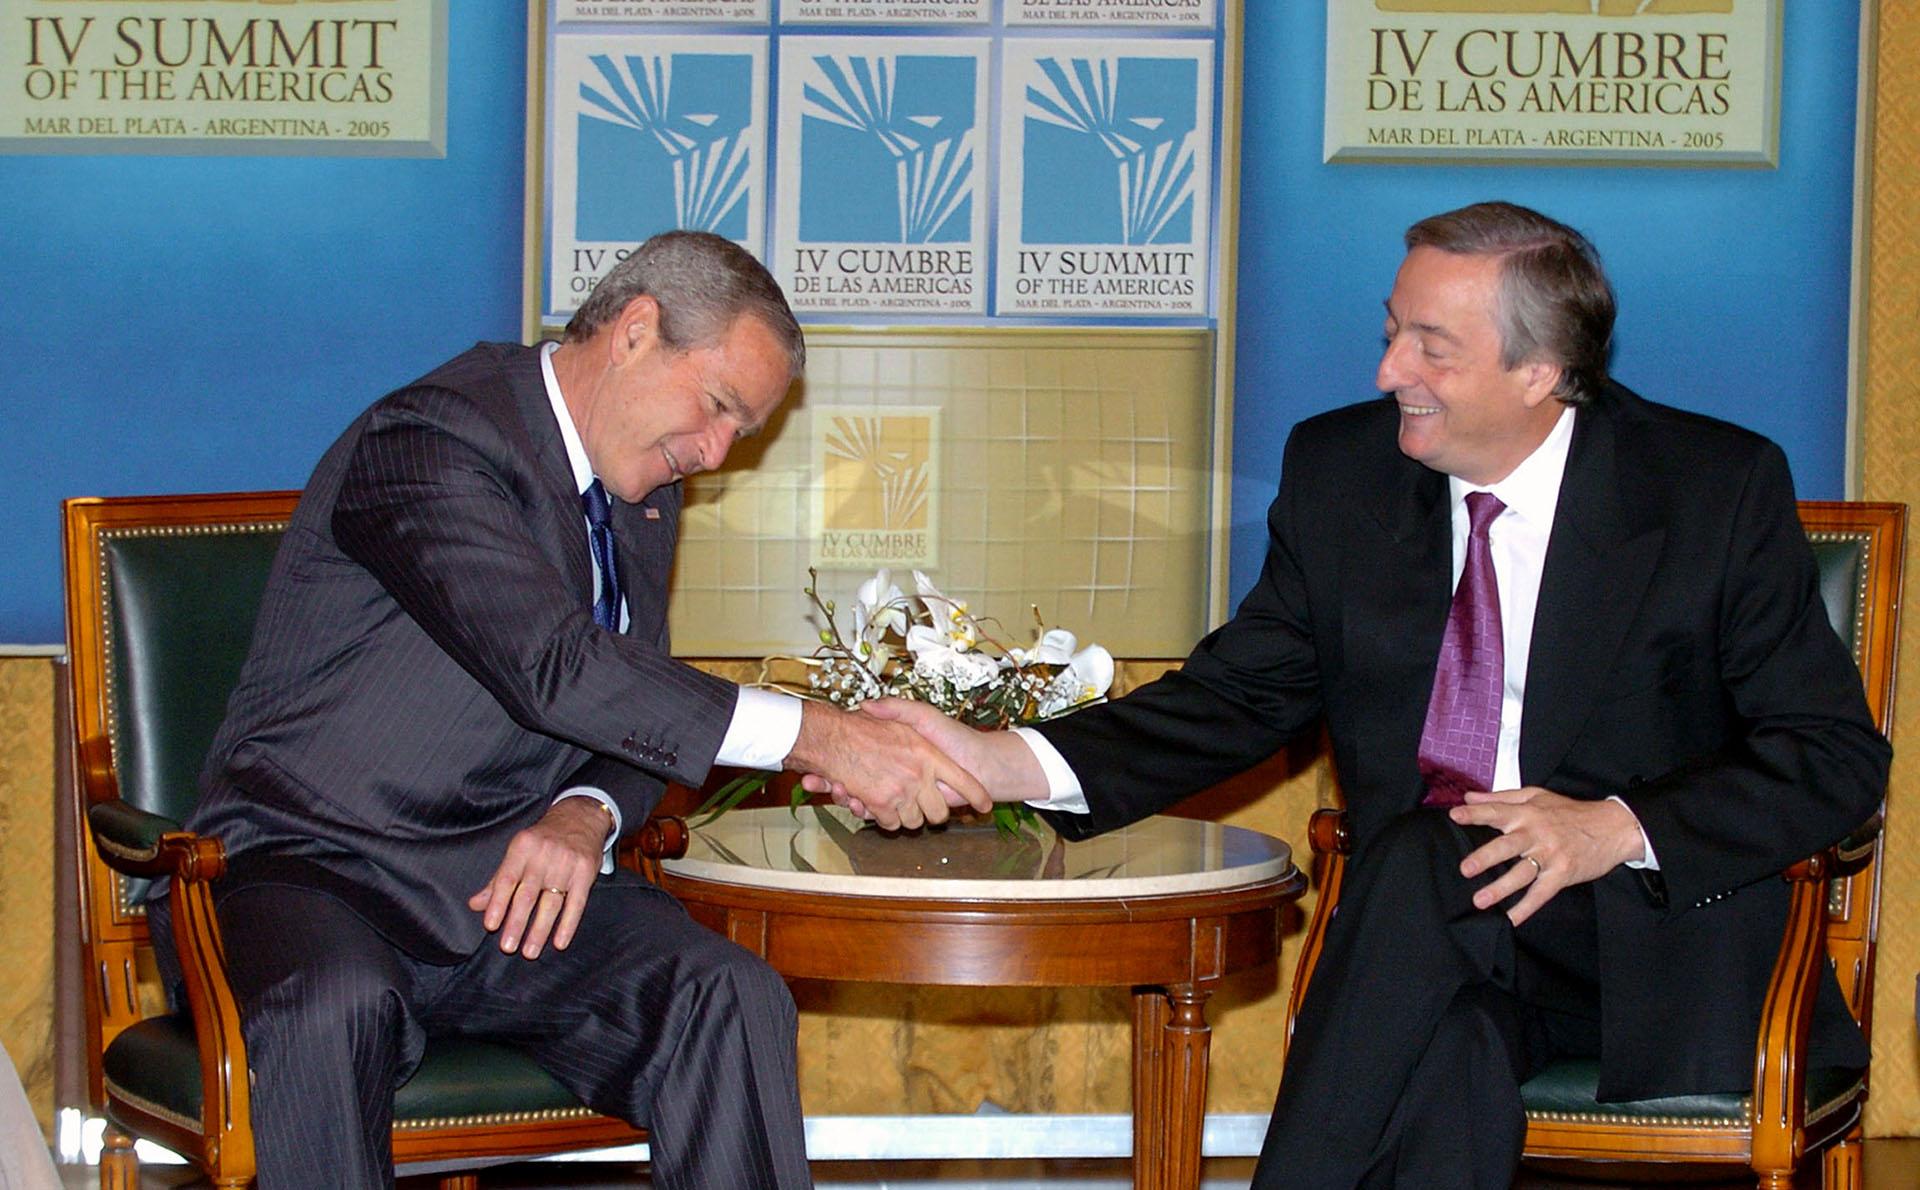 El presidente norteamericano George W. Bush saluda a su par argentino Nestor Kirchner al iniciar la reunión bilateral